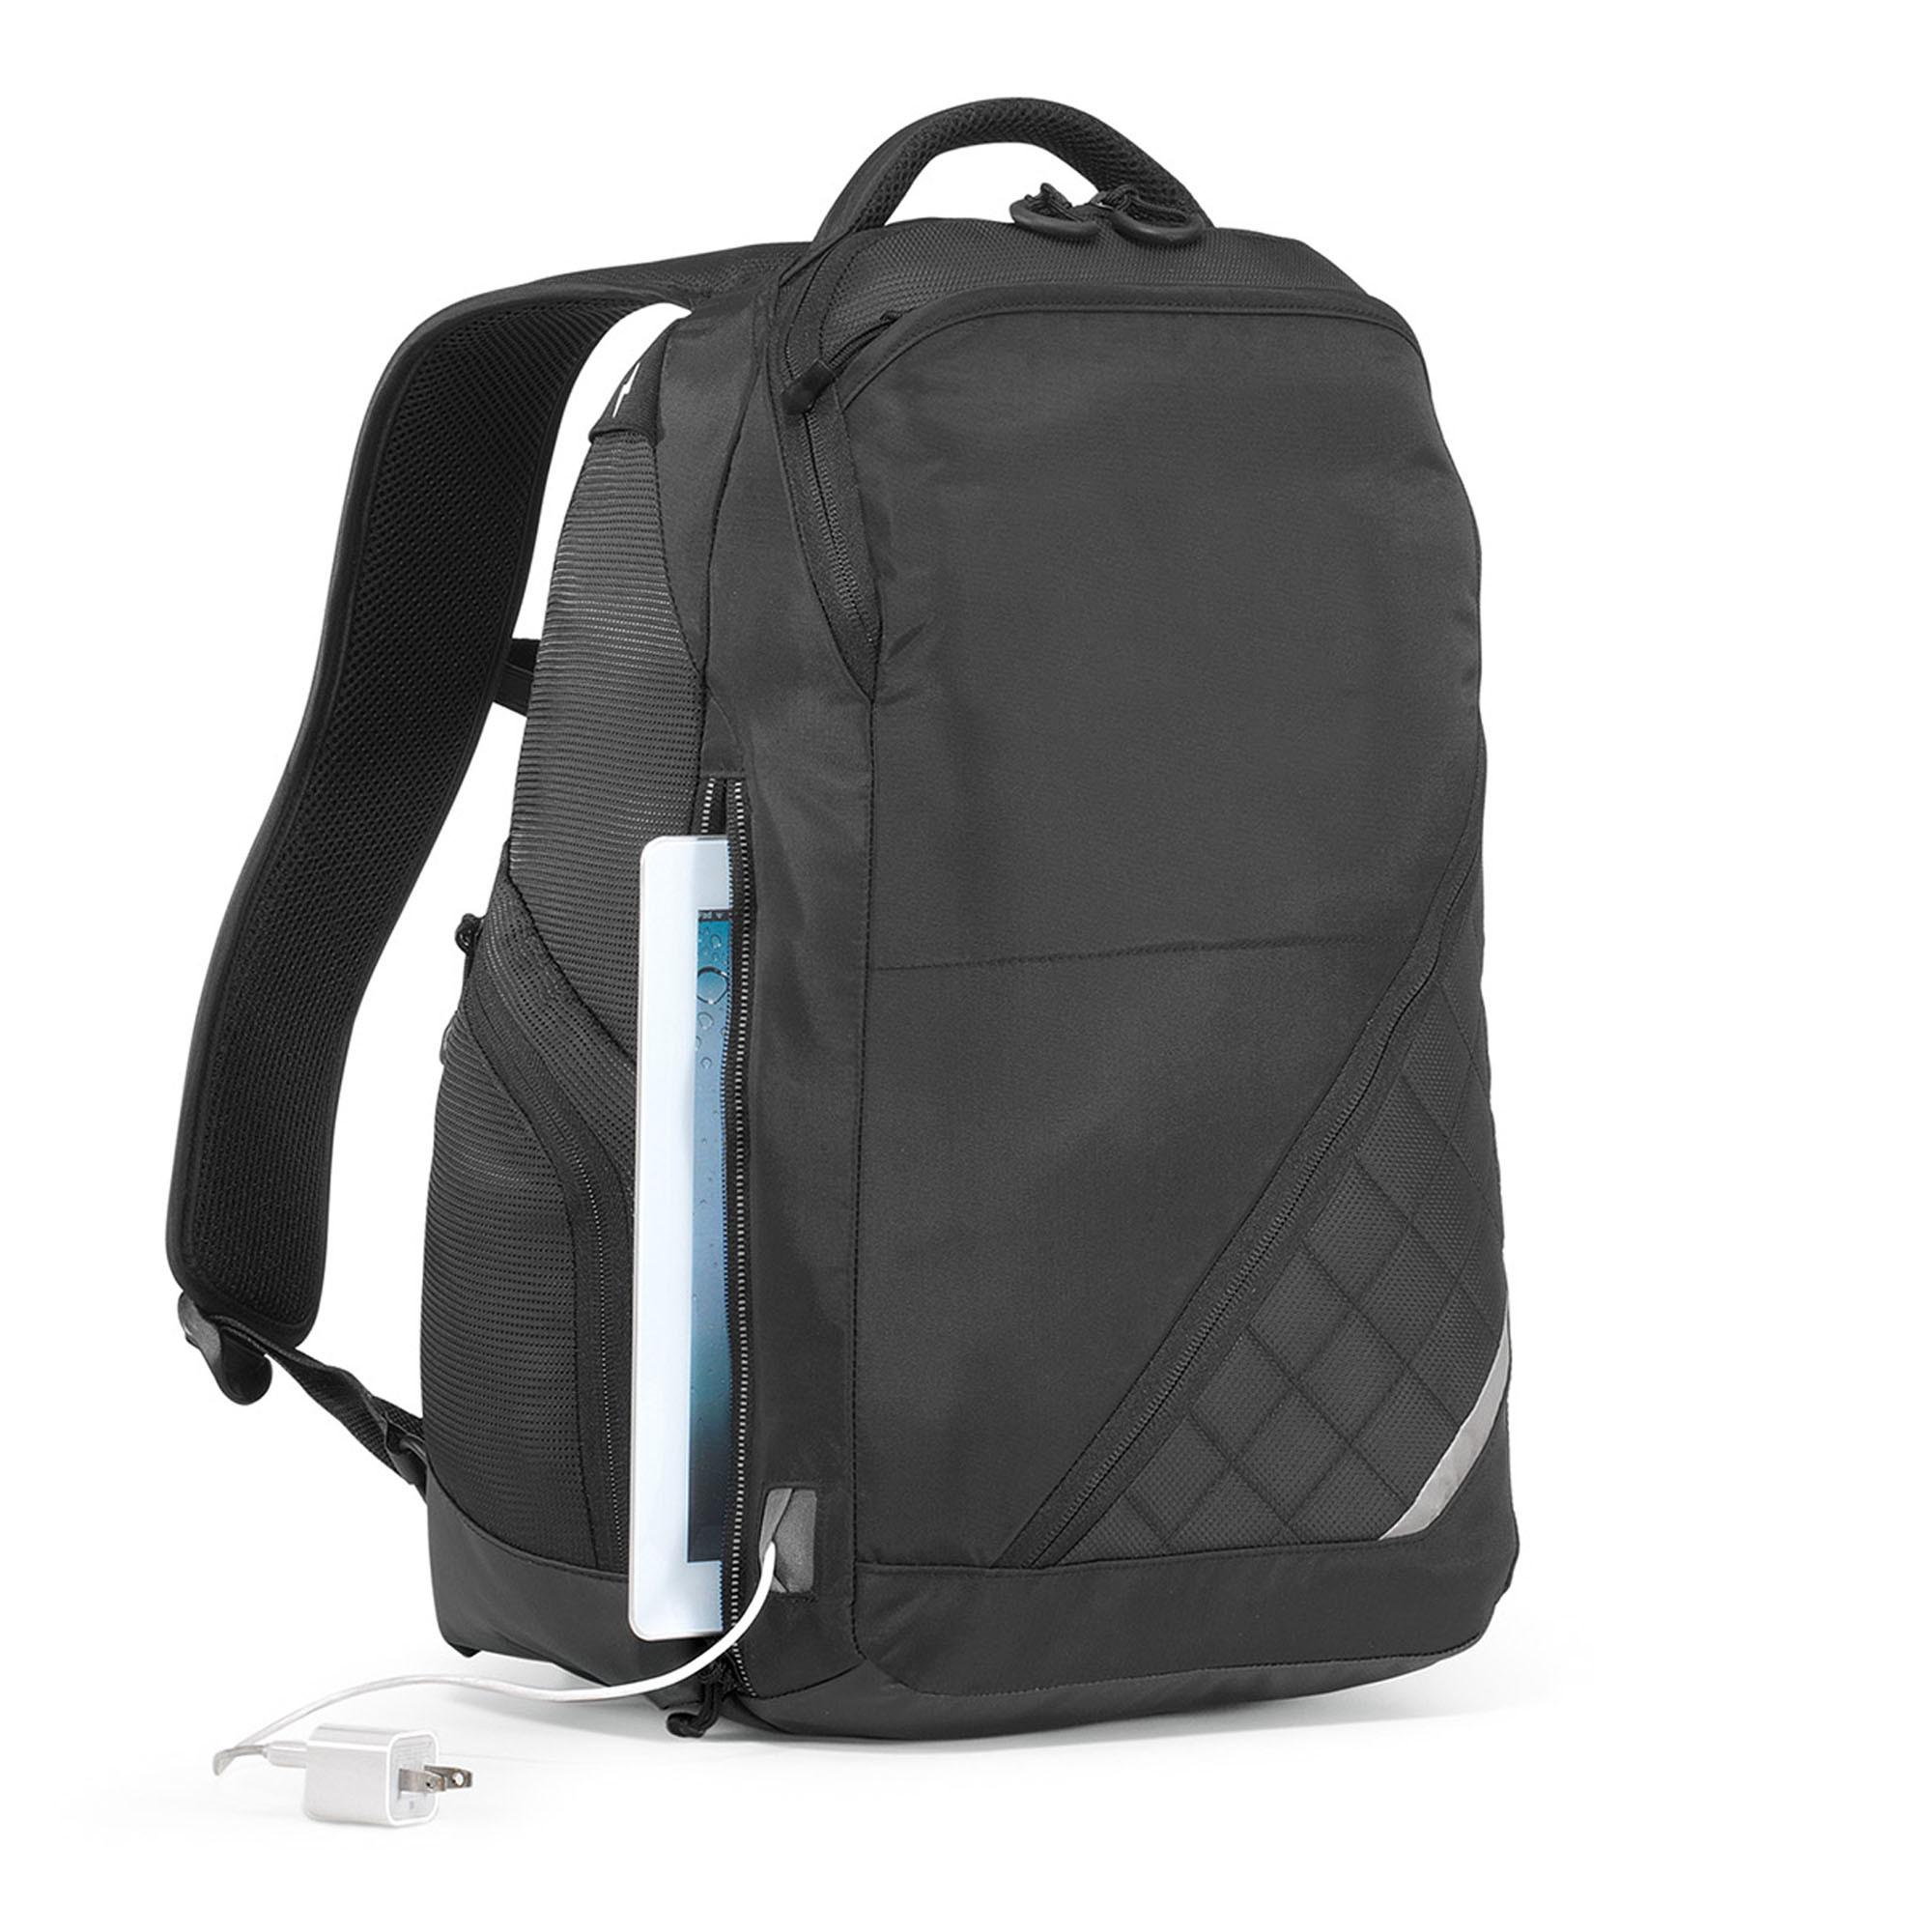 Gemline 5250 - Volt Charging Backpack